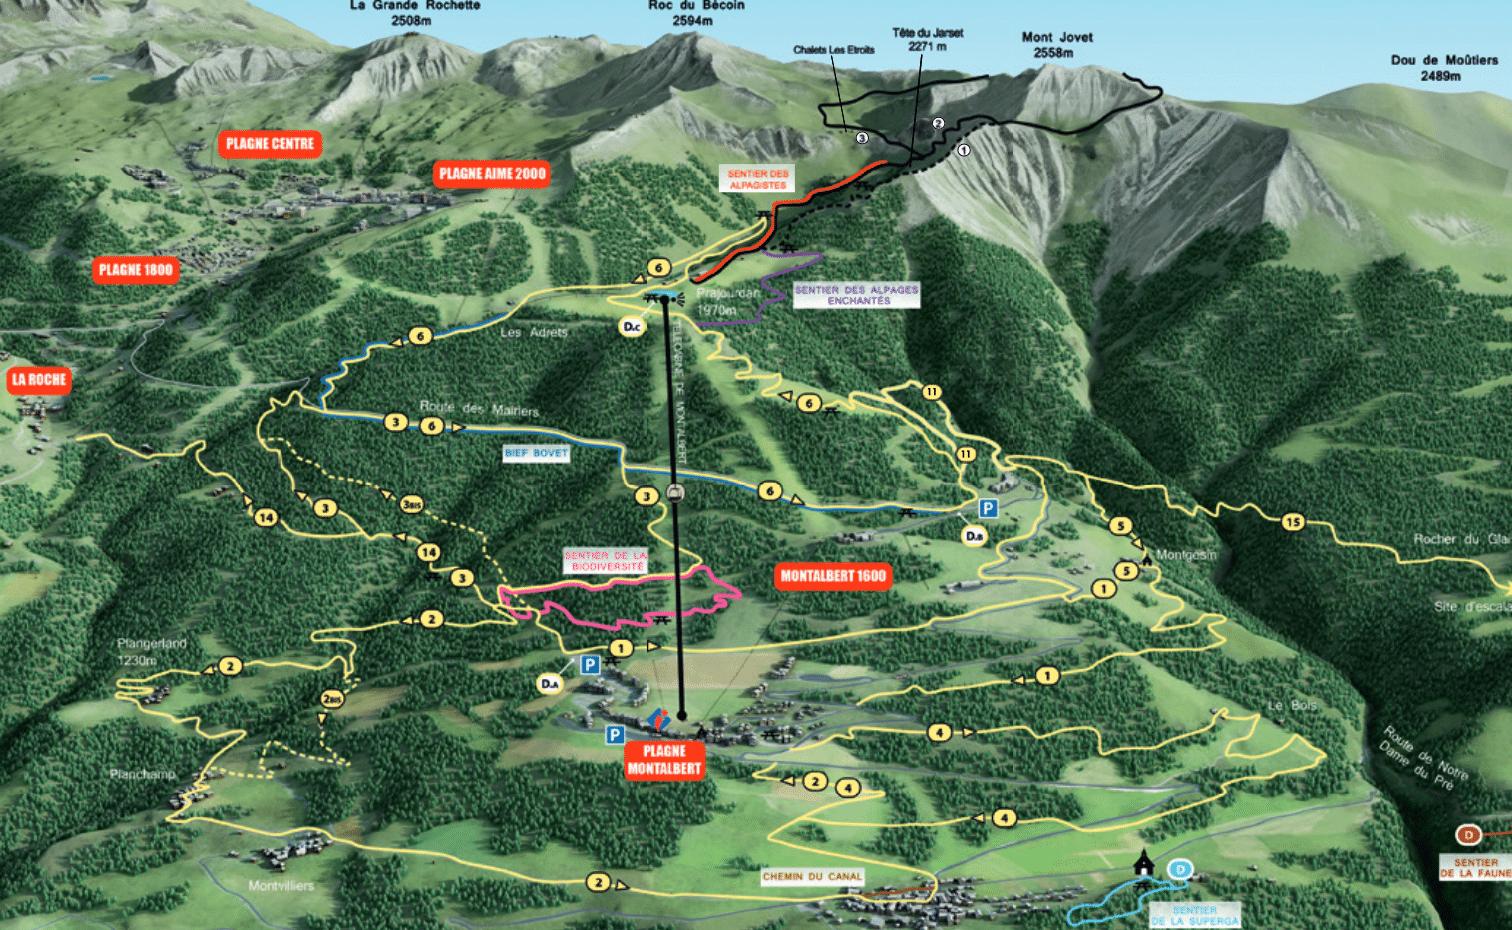 La plagne - Plan des chemins de randonnées